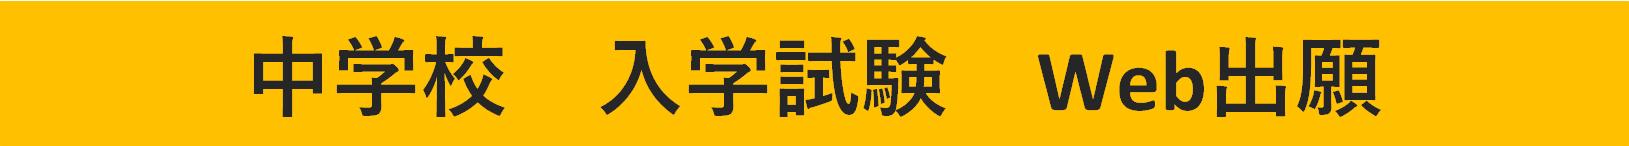 中学校 入試試験 Web出願